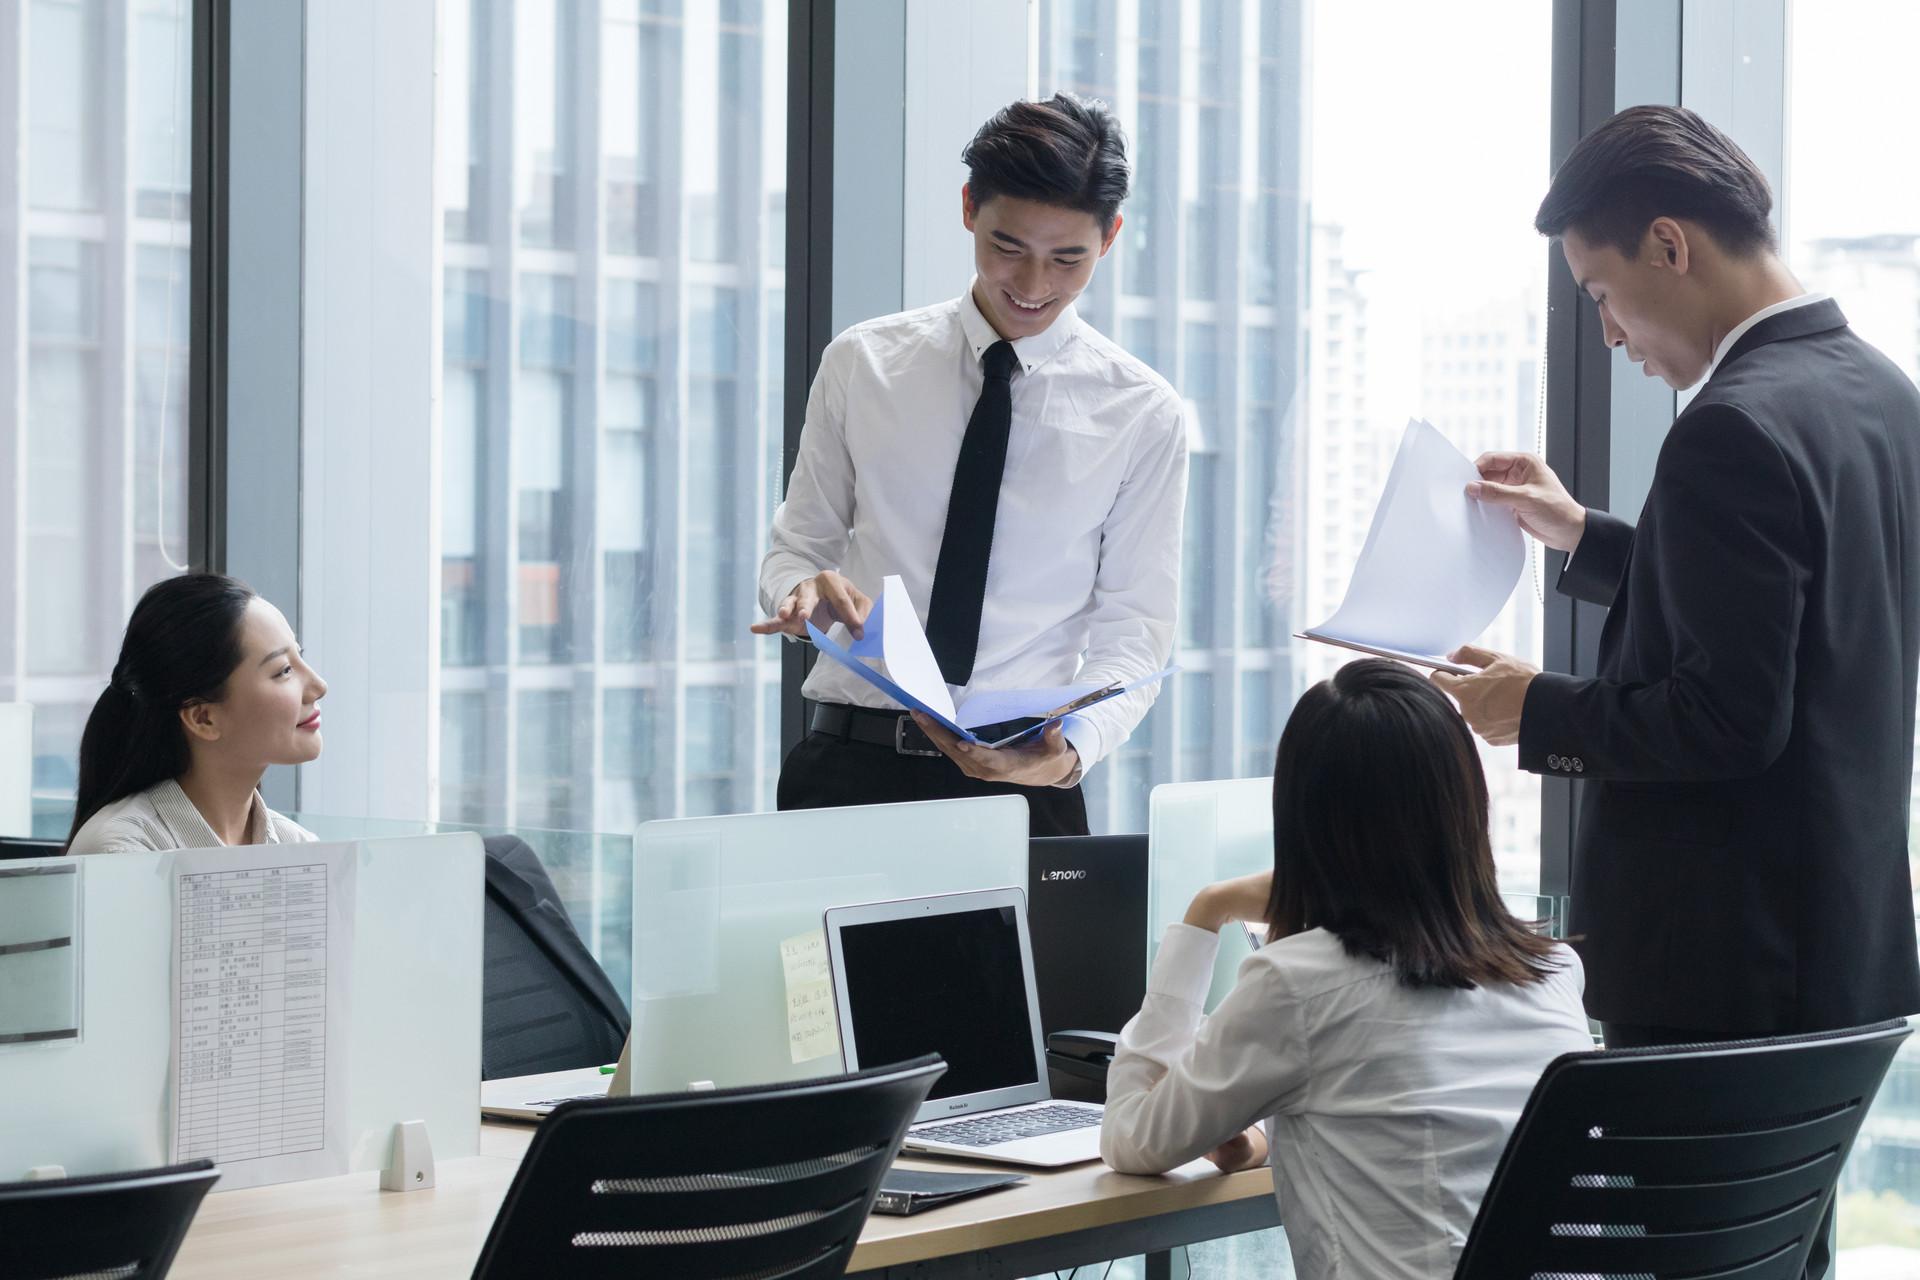 在企业不同发展阶段,HR的角色是什么?